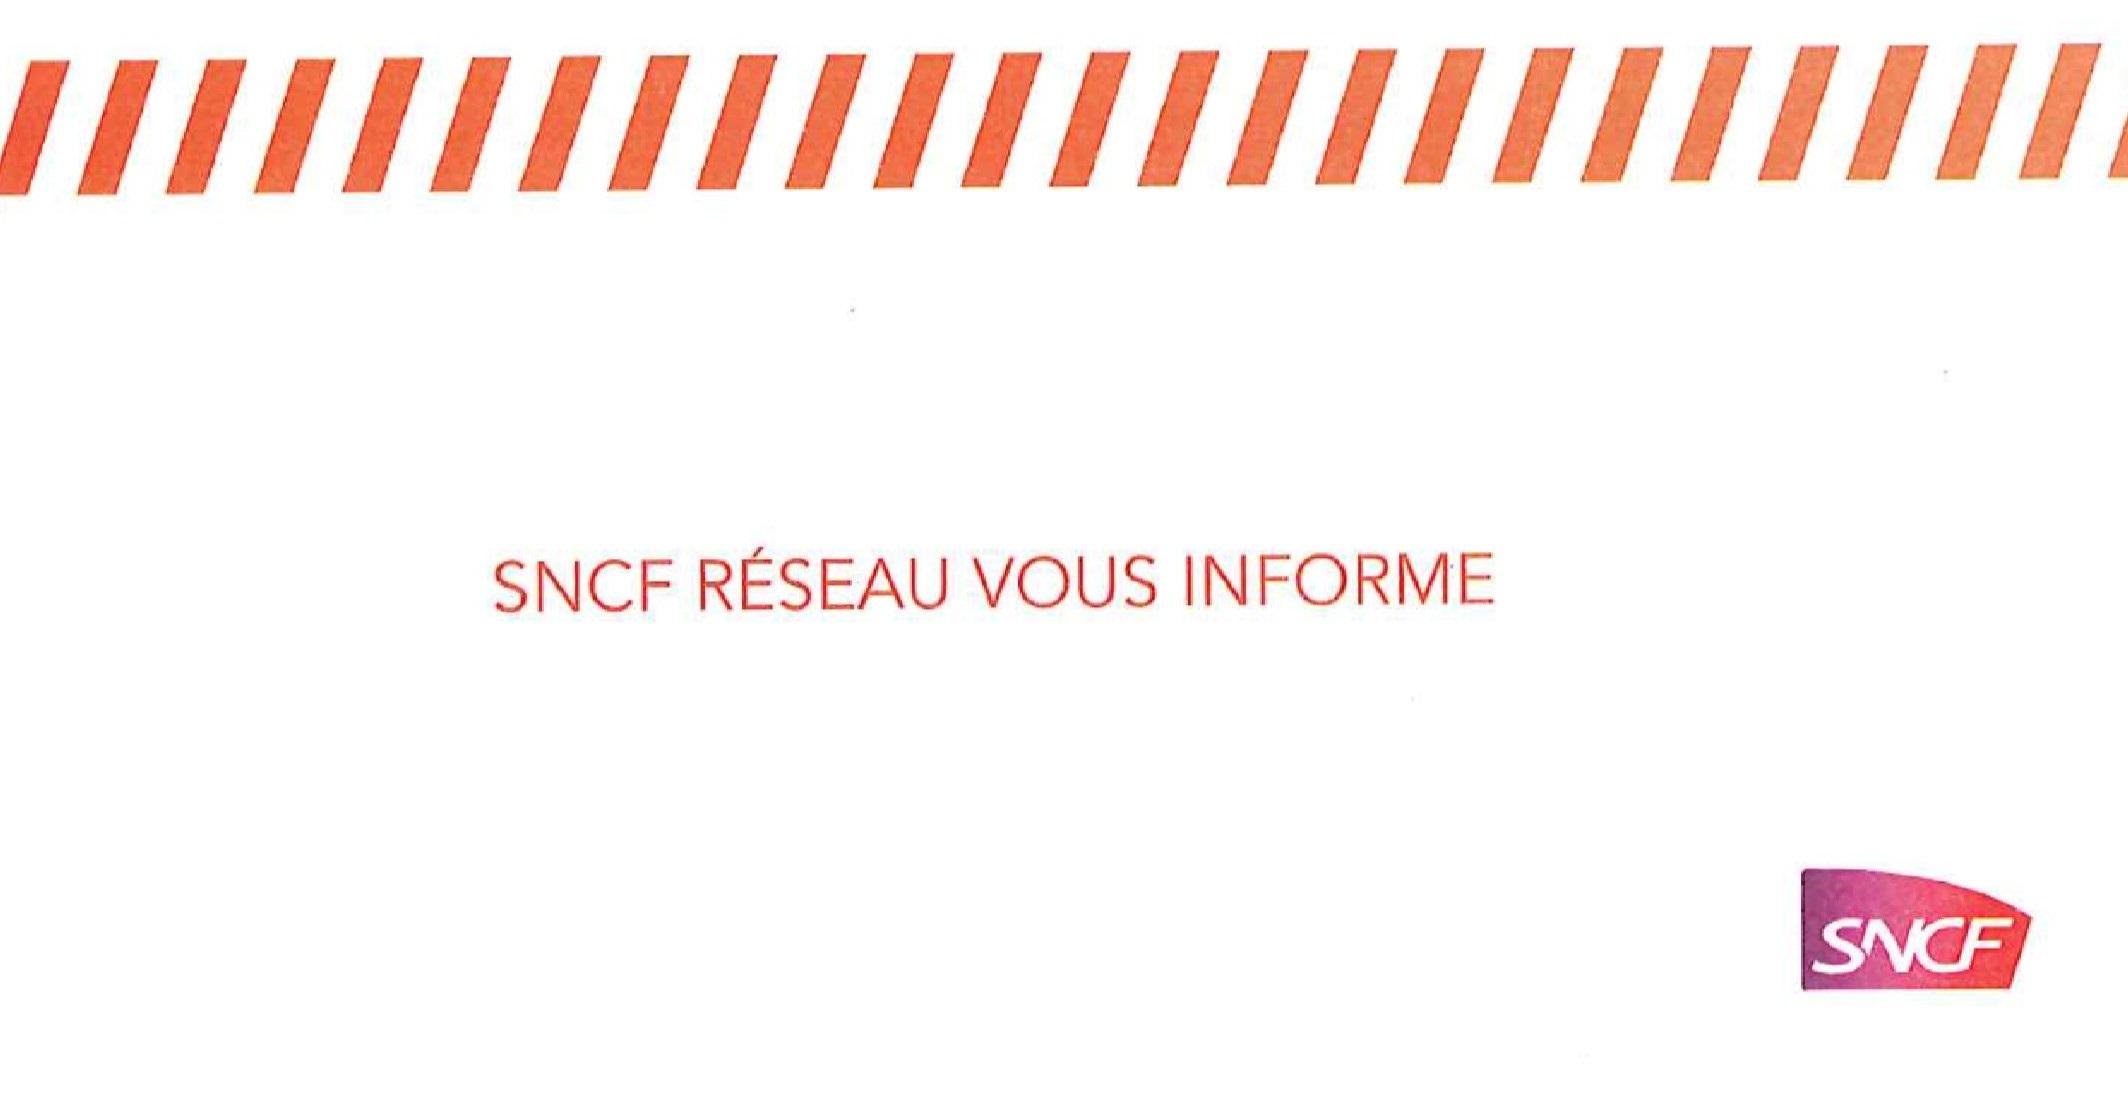 SNCF RESEAU VOUS INFORME